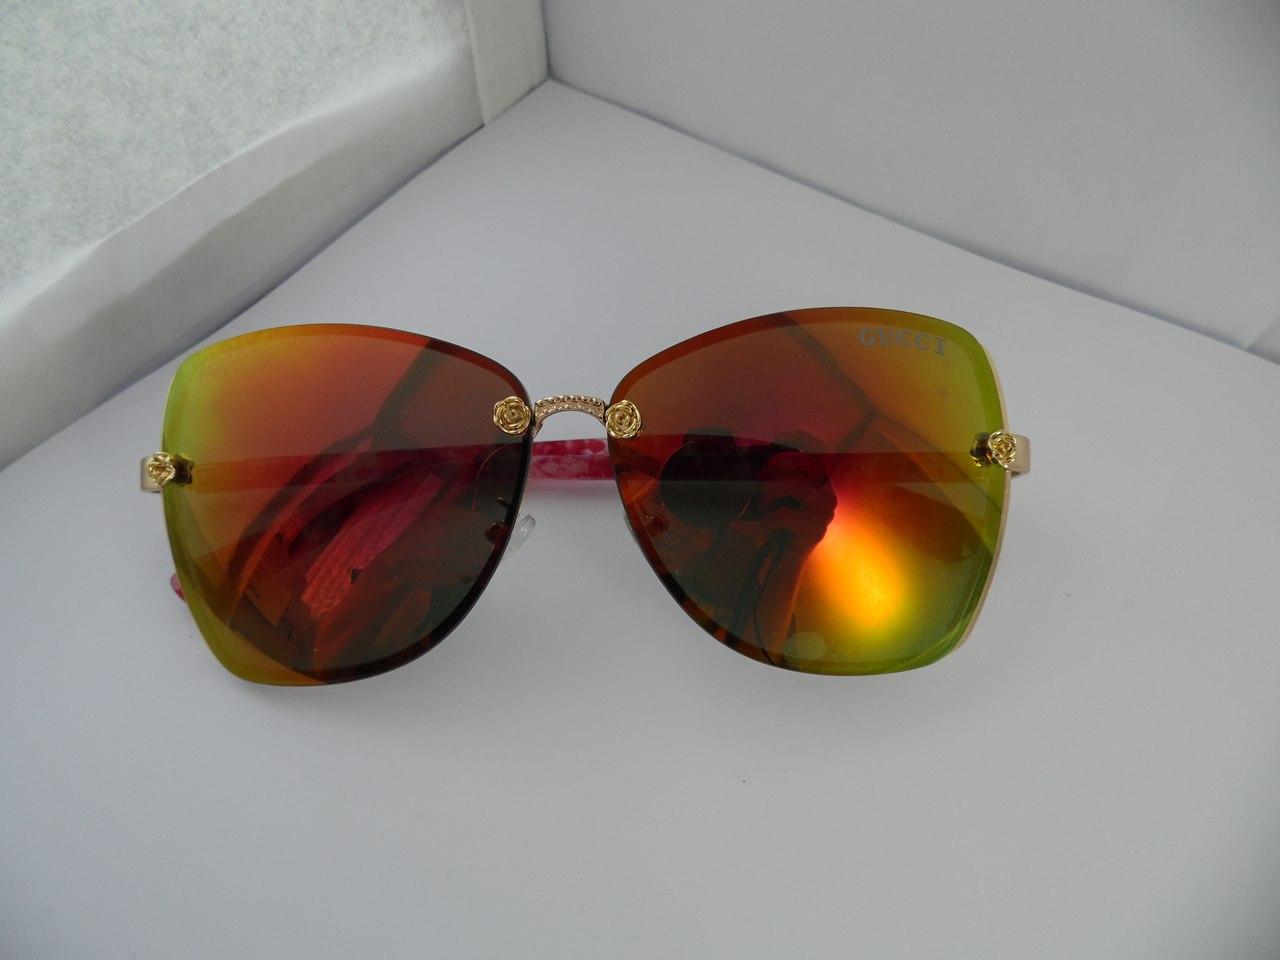 Солнцезащитные очки Gucci красно-оранжевые с красными дужками - OnlyBest - лучшее только для Вас в Виннице